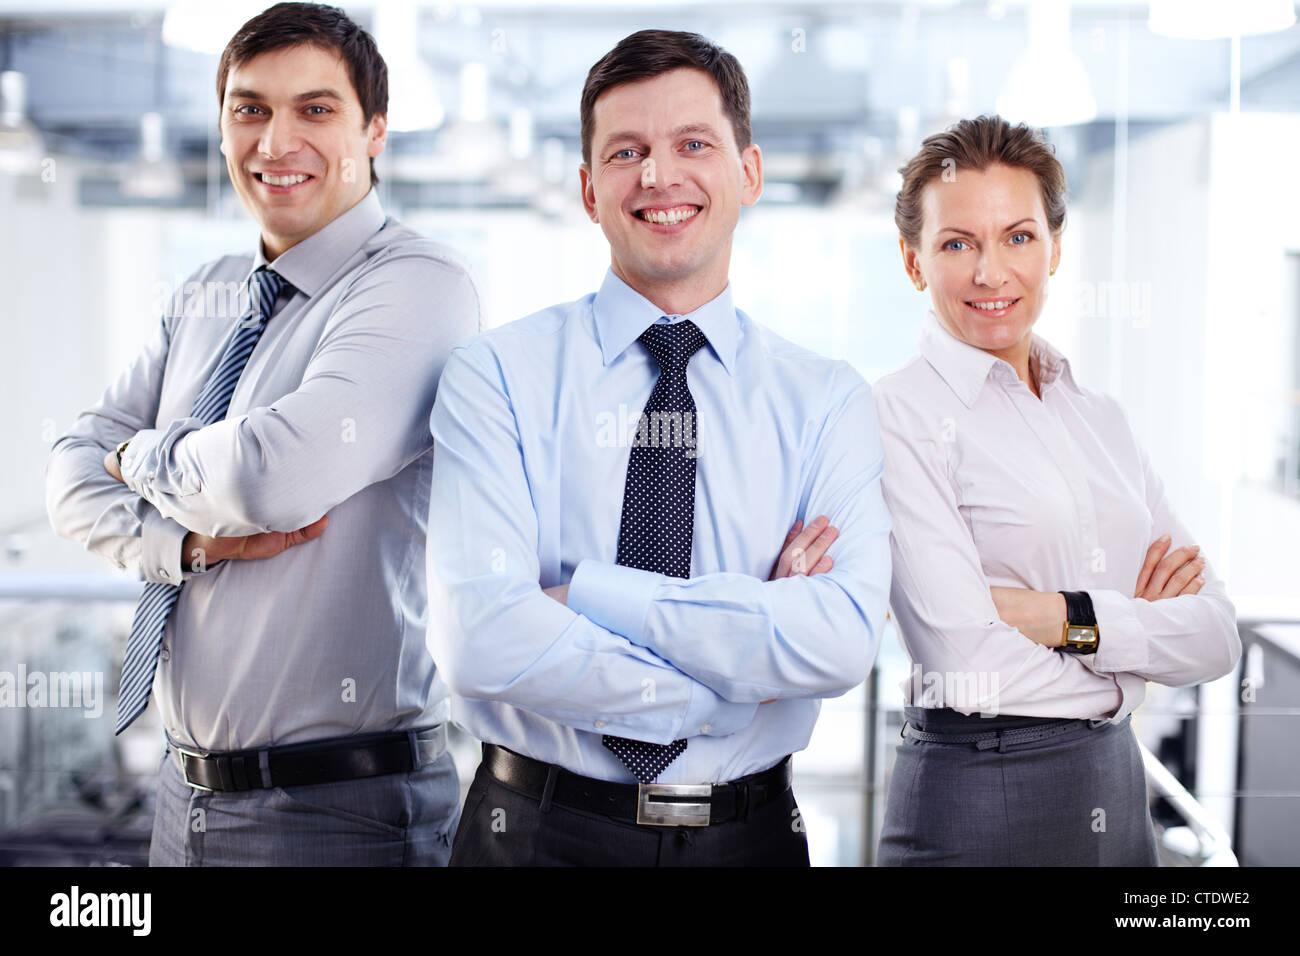 Elegante equipo empresarial permanente armado cruzada expresando positividad y fuerte influencia Imagen De Stock